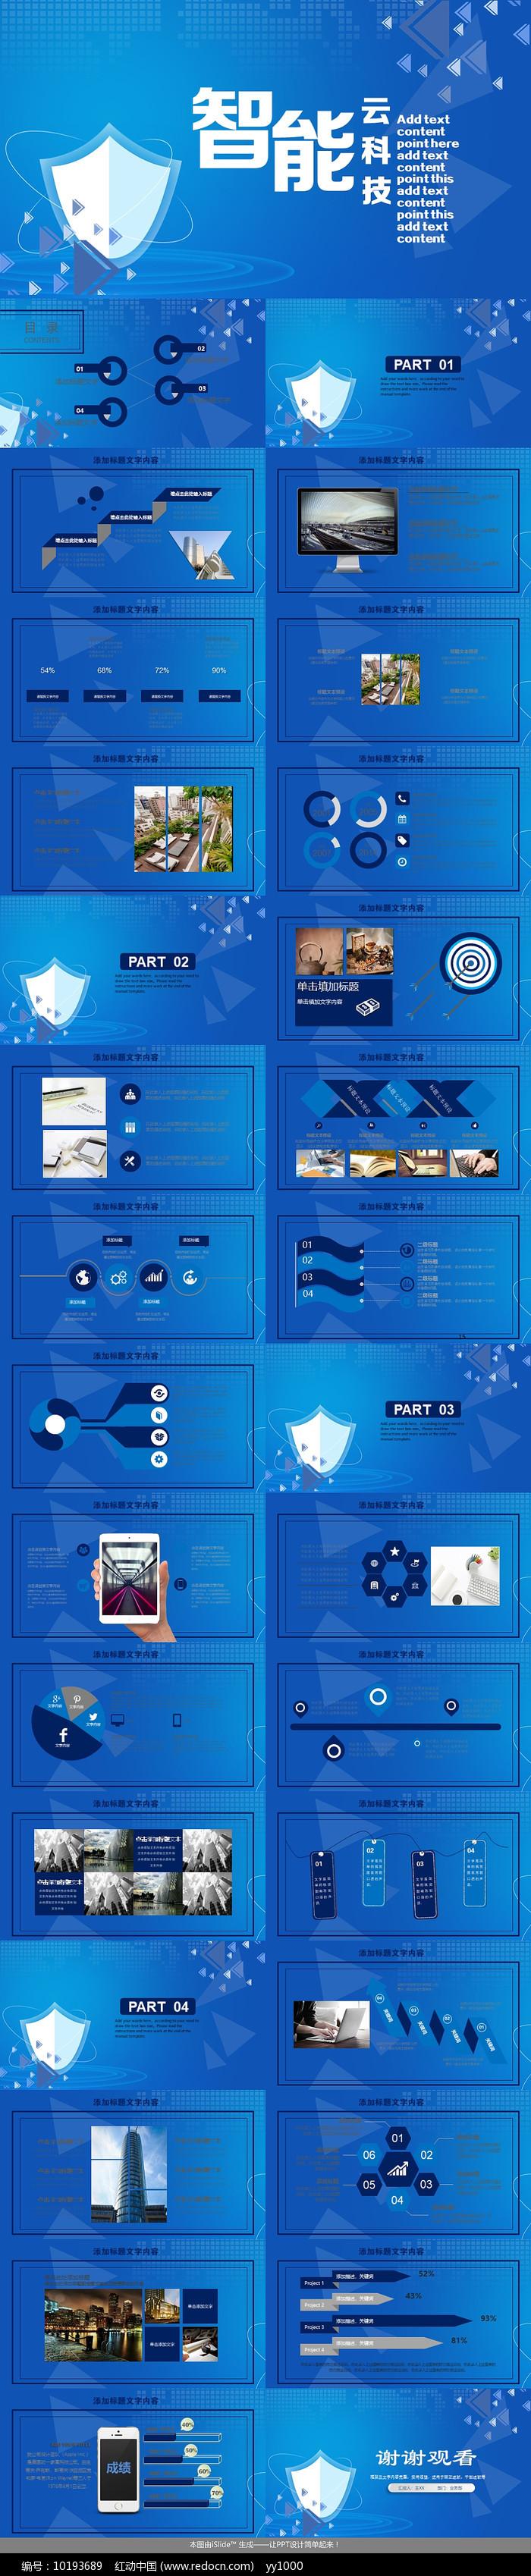 人工智能云科技PPT模板图片